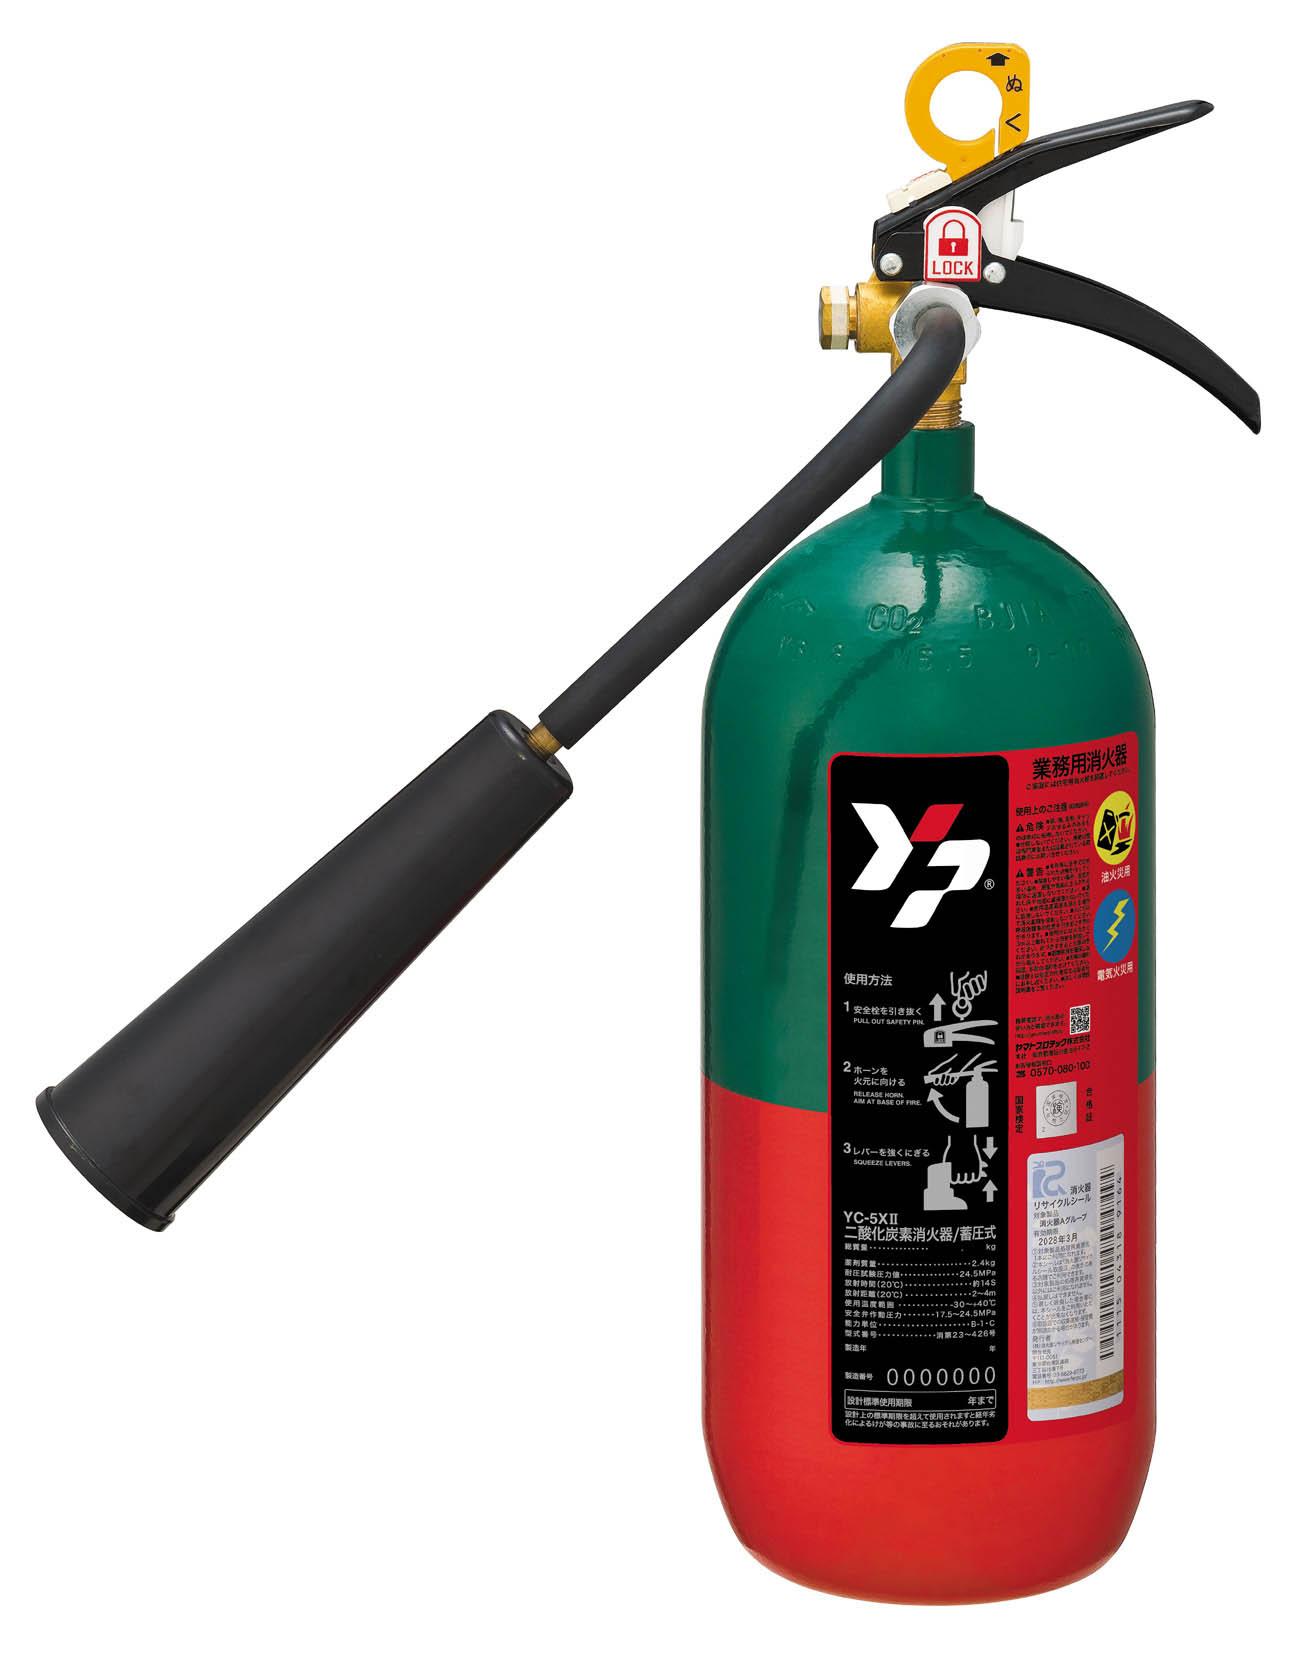 二酸化炭素消火器 YC-5XⅡ